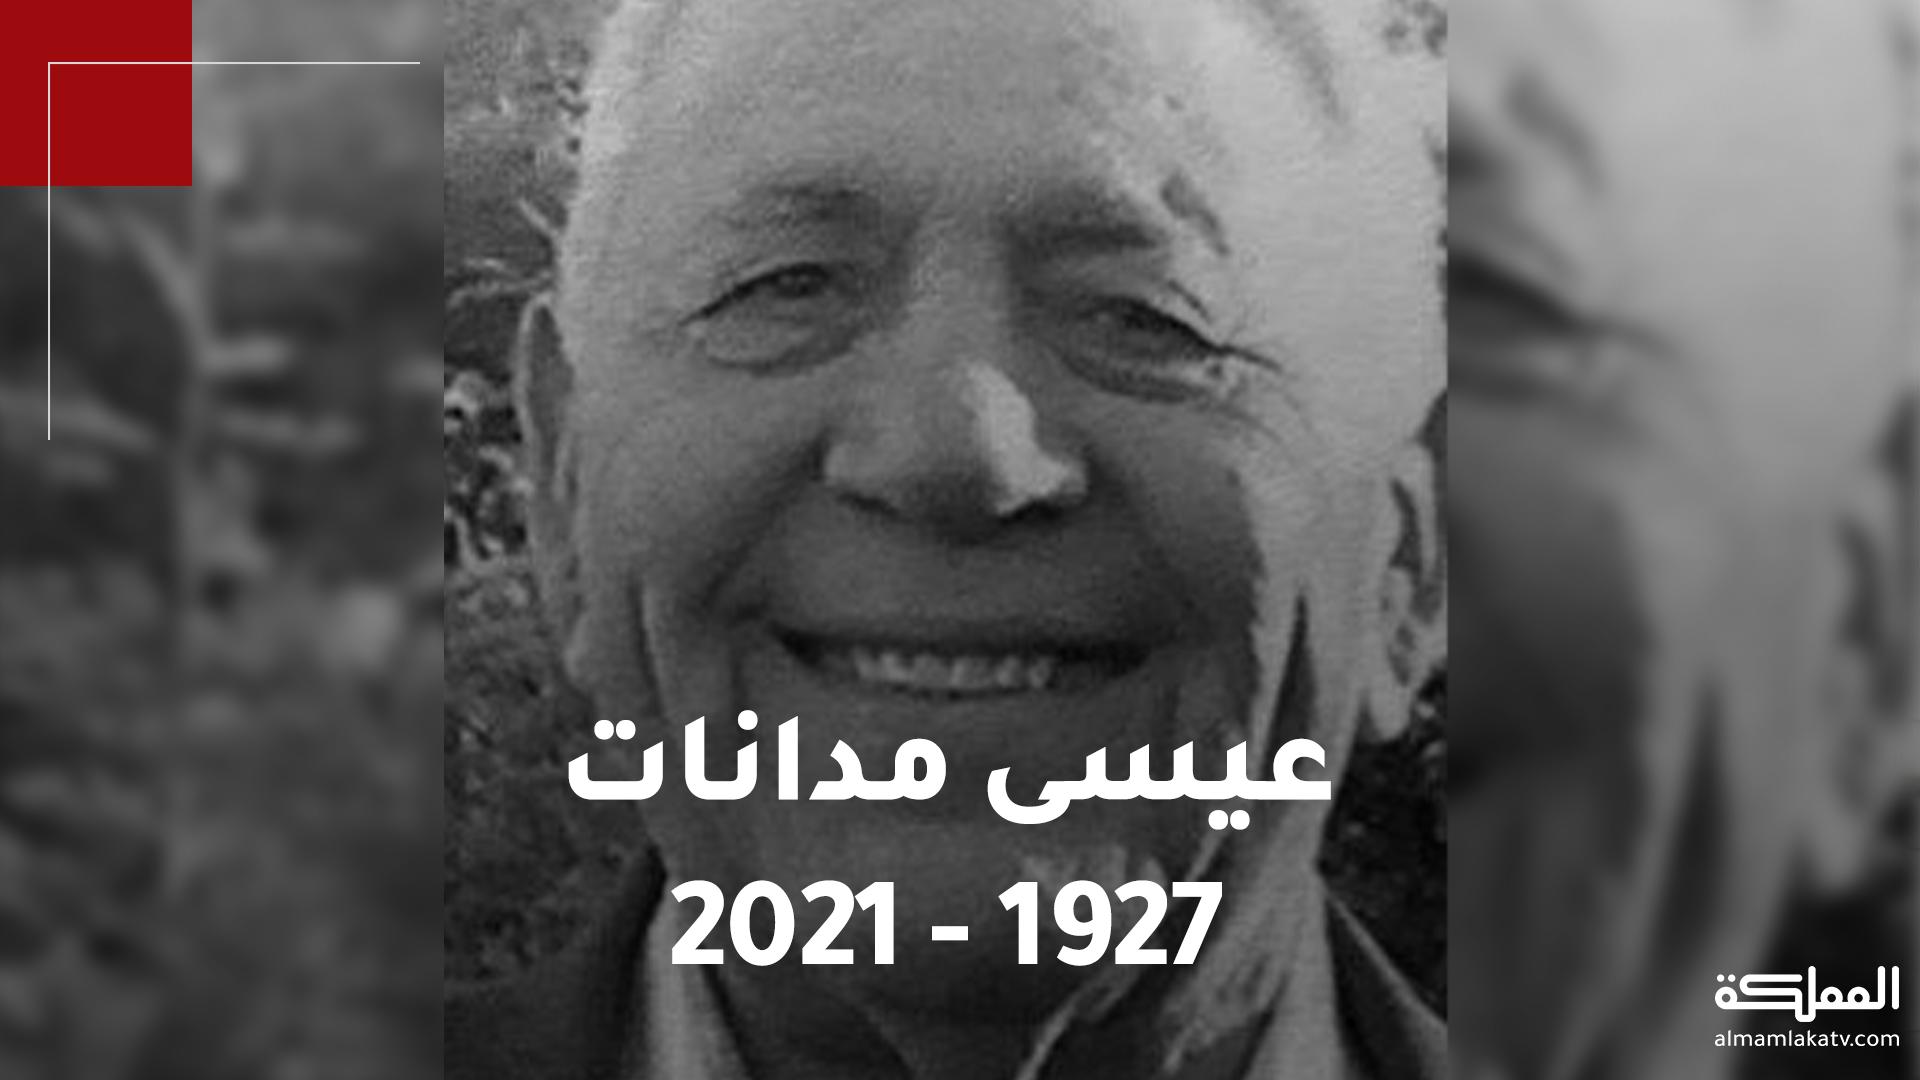 الموت يغيب المناضل الأردني عيسى مدانات، أحد مؤسسي الحزب الشيوعي